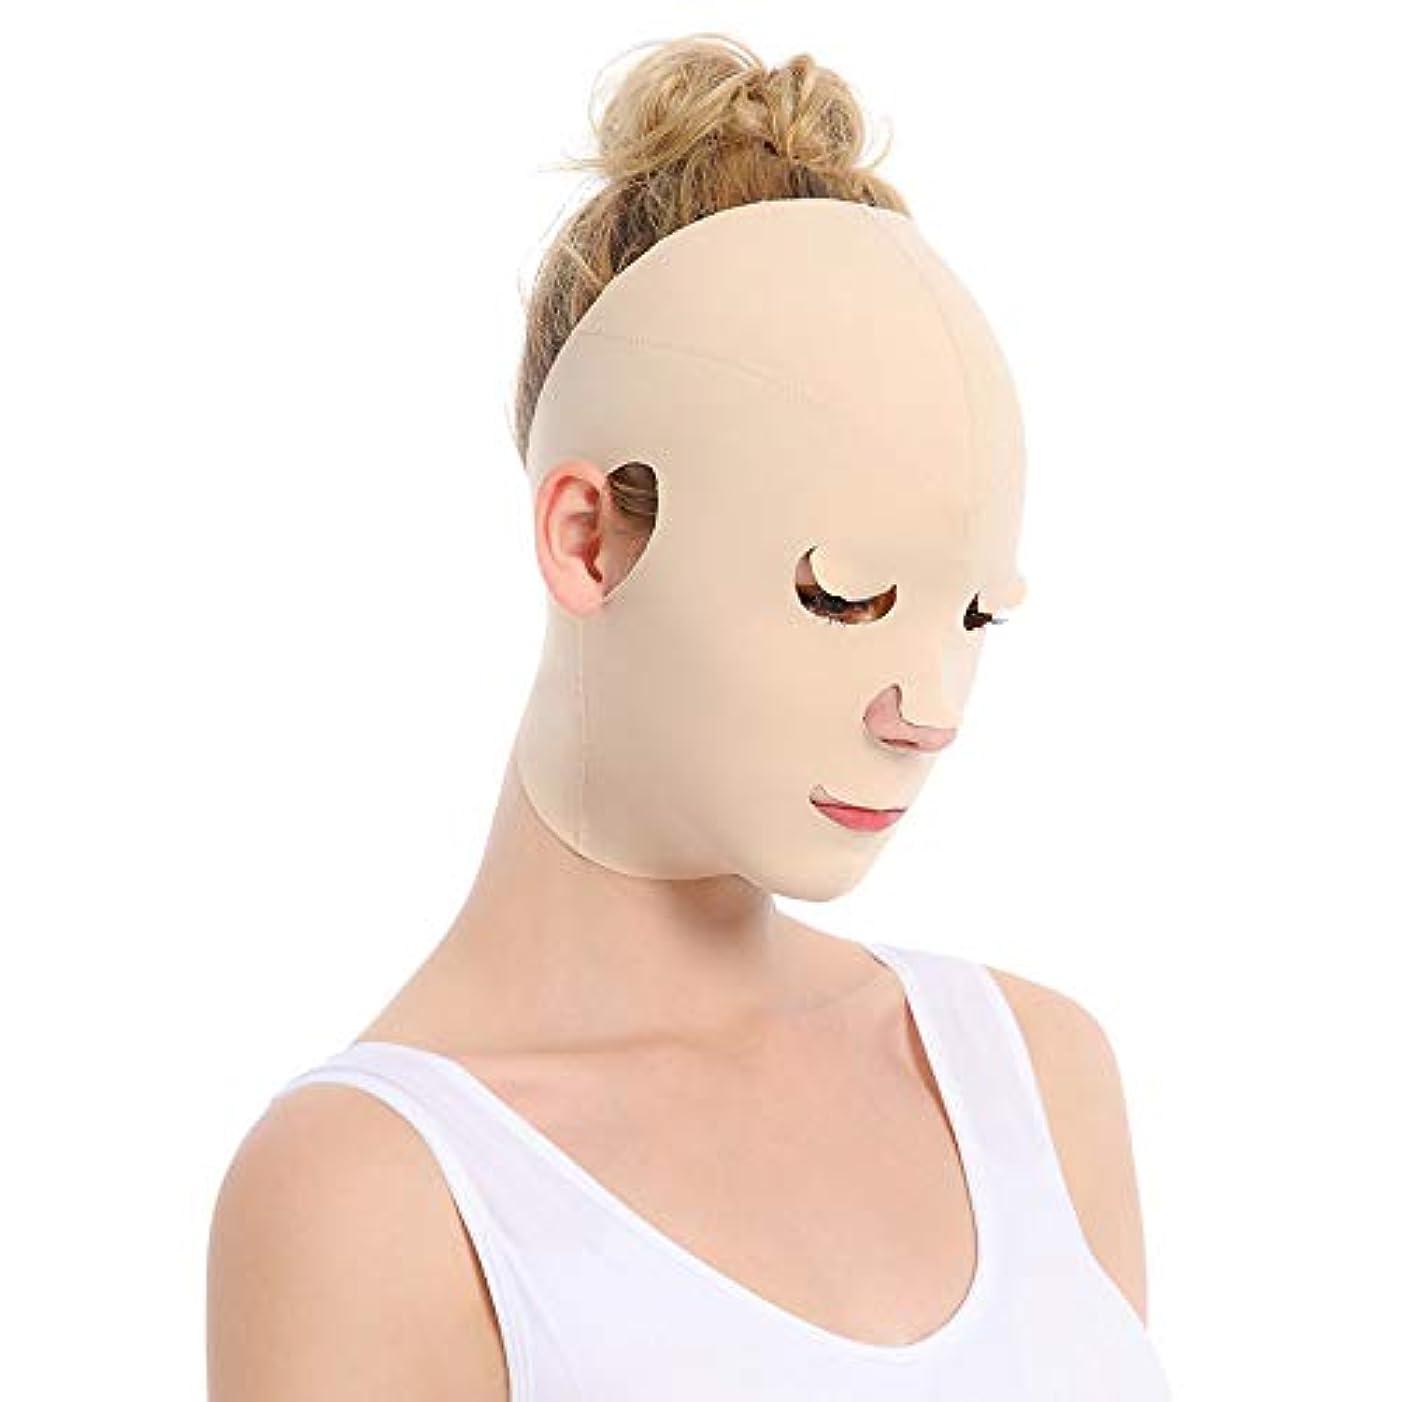 マッサージ扱いやすい報復する小さな顔ツールv顔包帯薄い顔美容マスク怠惰な睡眠マスク男性と女性のV顔包帯整形引き締め顔薄い二重あご